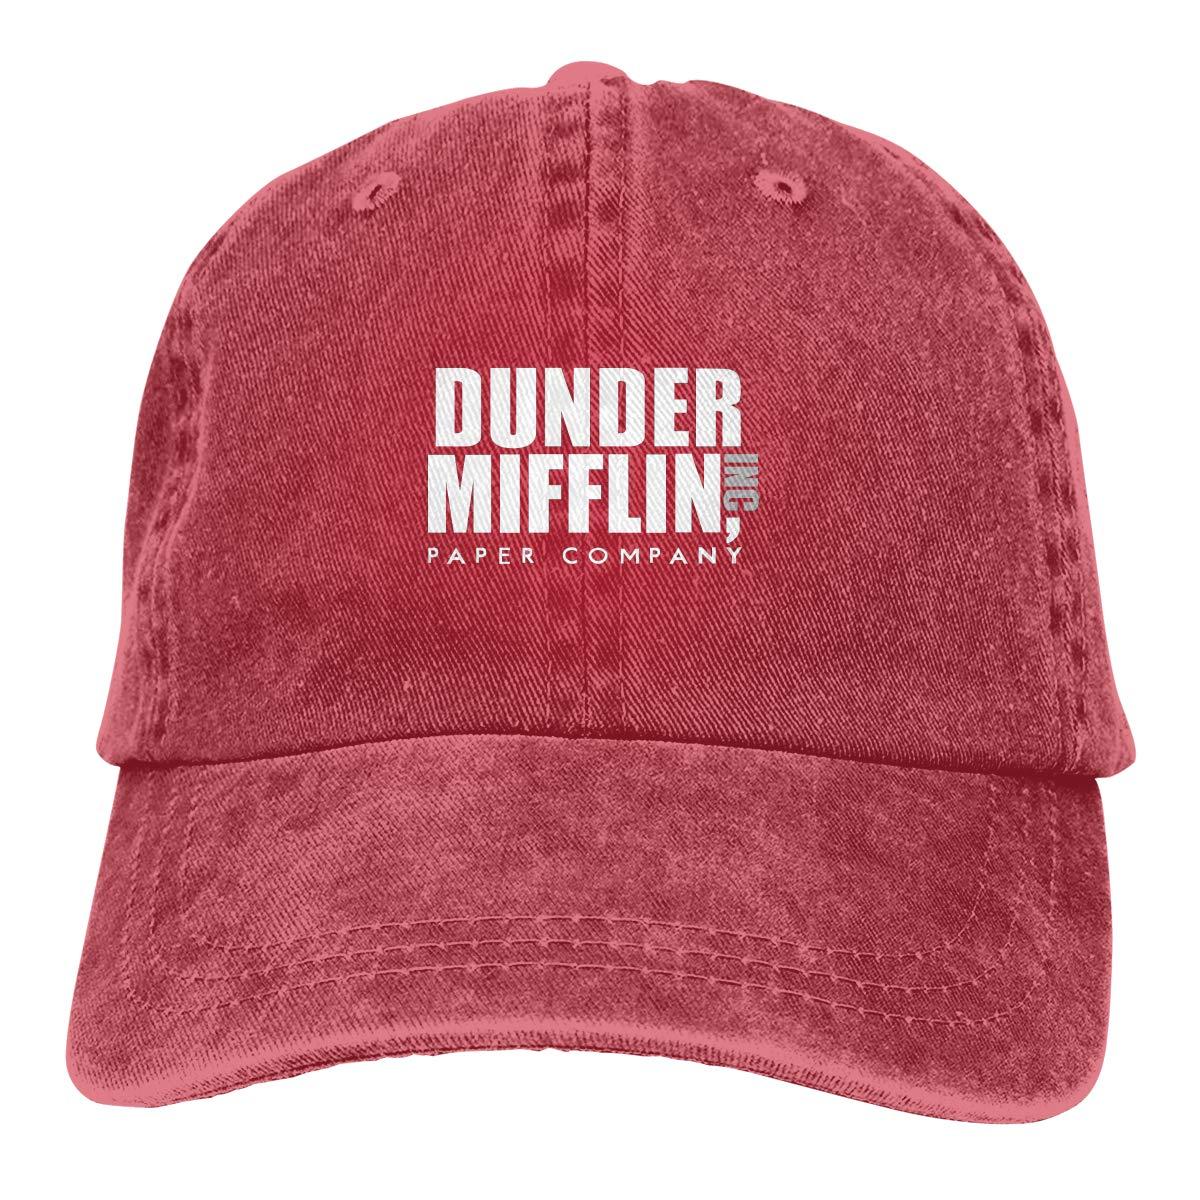 Amazon.com: Baseball Cap Gorras para Hombres Dad Cap Polo Hat Gorras De Mujer Dunder Mifflin Casquette Black: Clothing